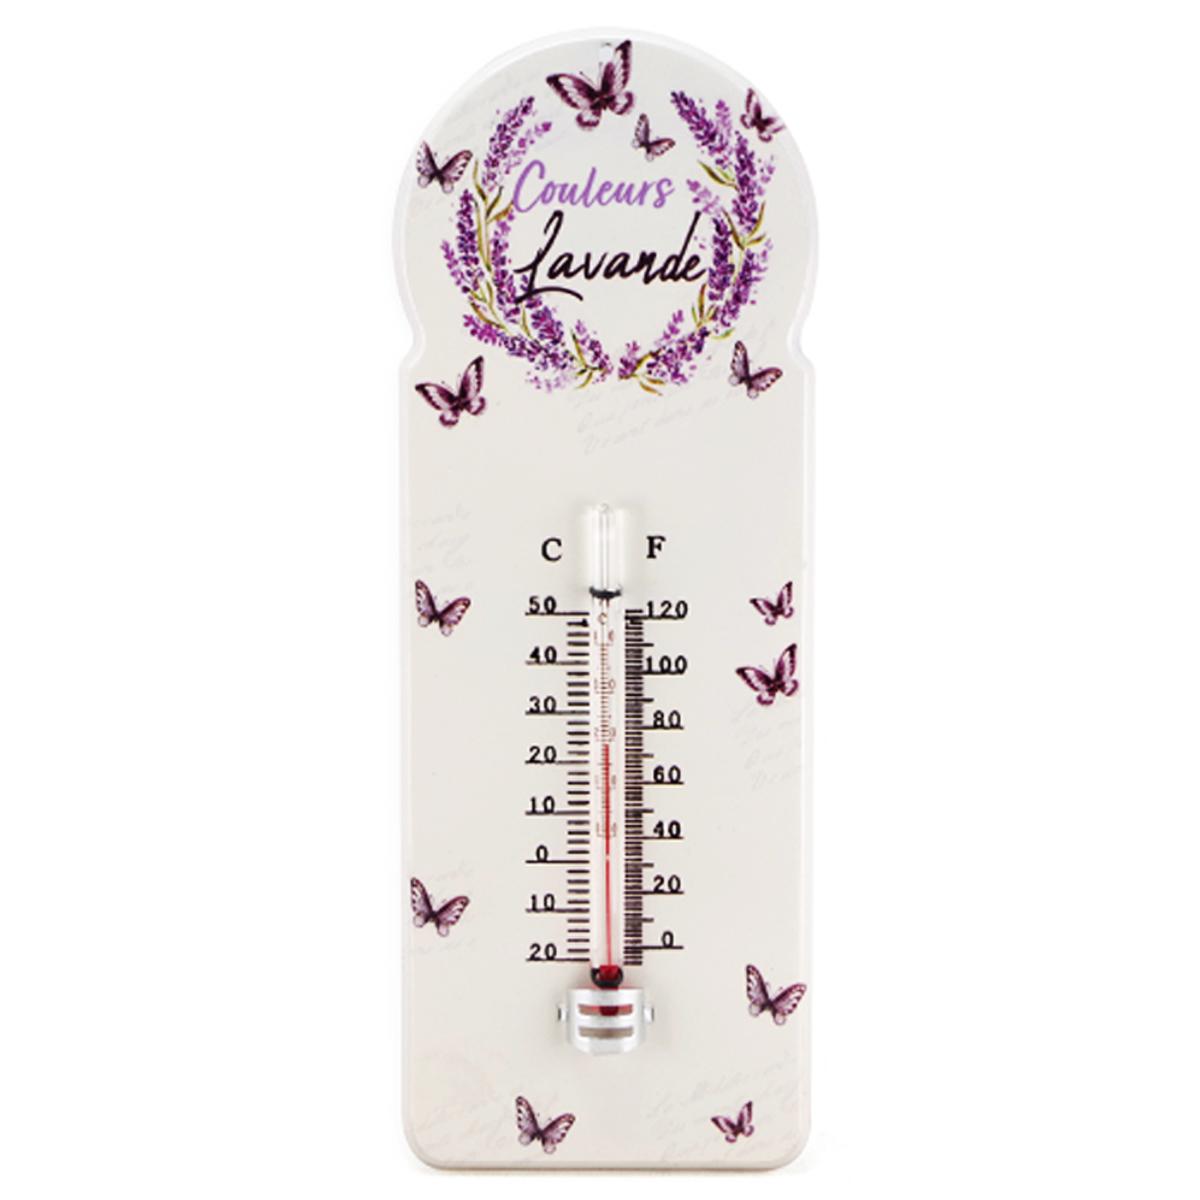 Thermomètre vintage \'Couleurs Lavande\' violet ivoire - 29x10 cm - [A2460]